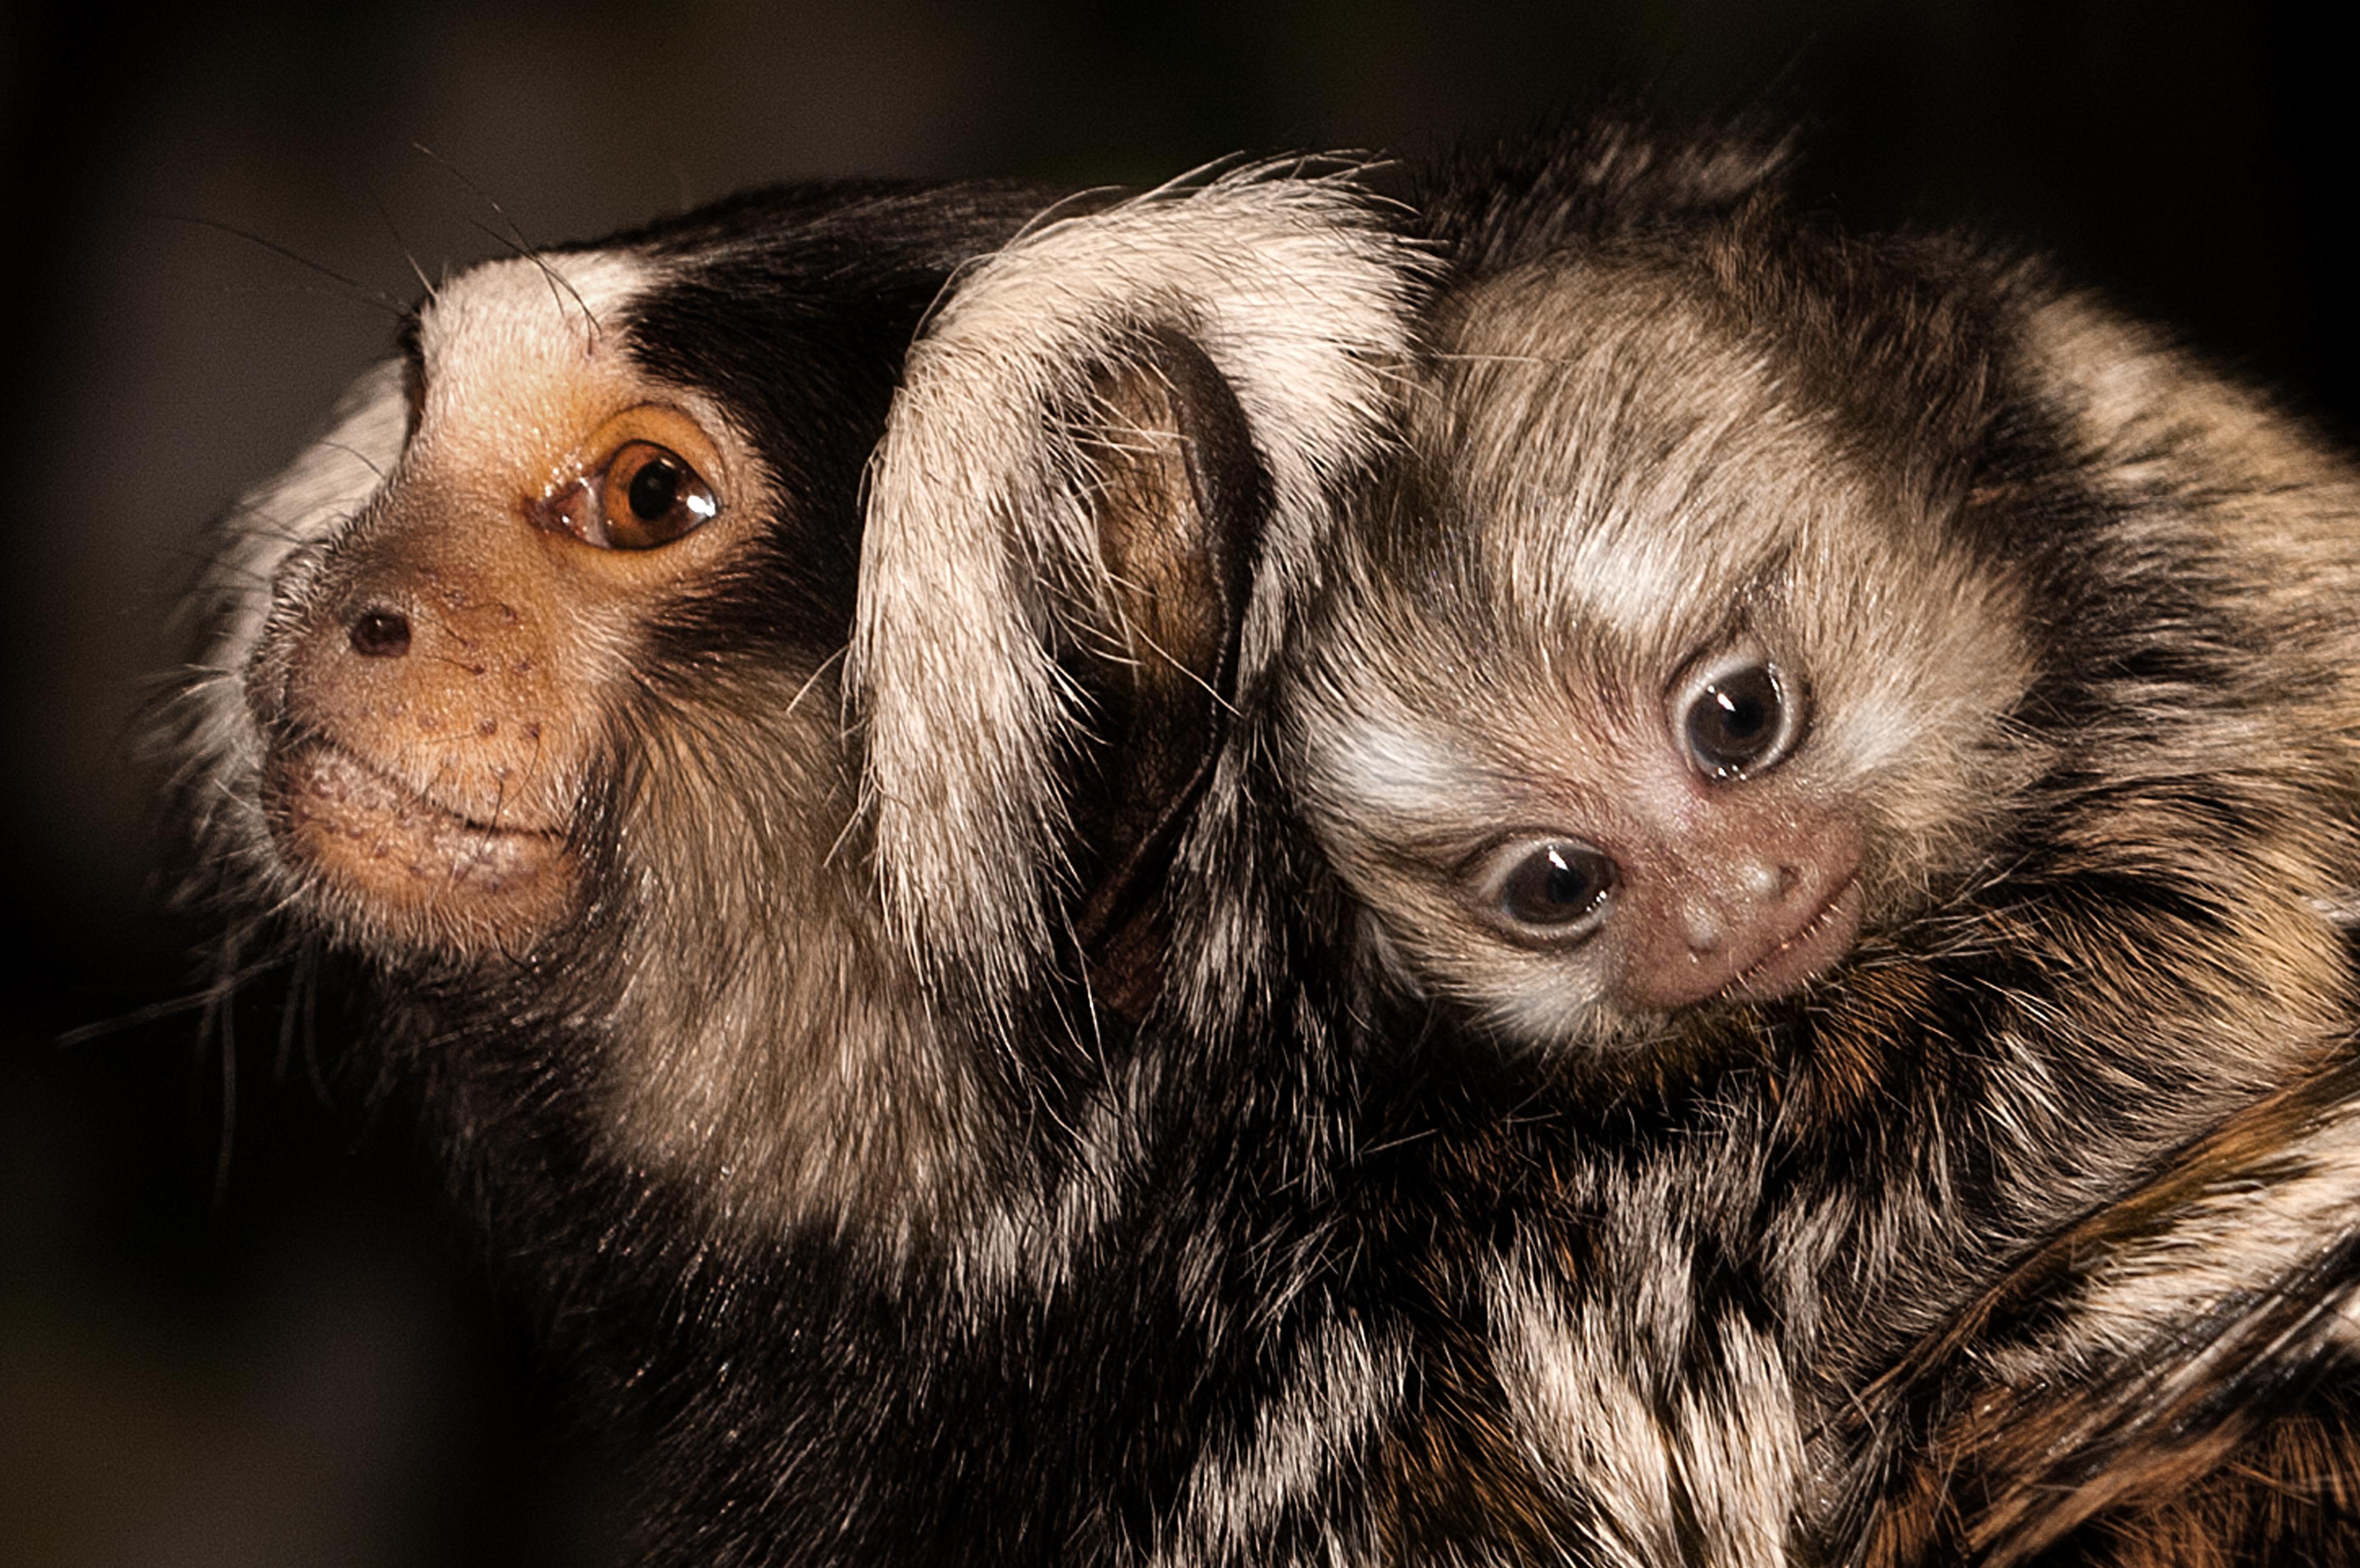 047-säugetiere-affen-raubkatzen-gorillas-tierfotos-andyhunger